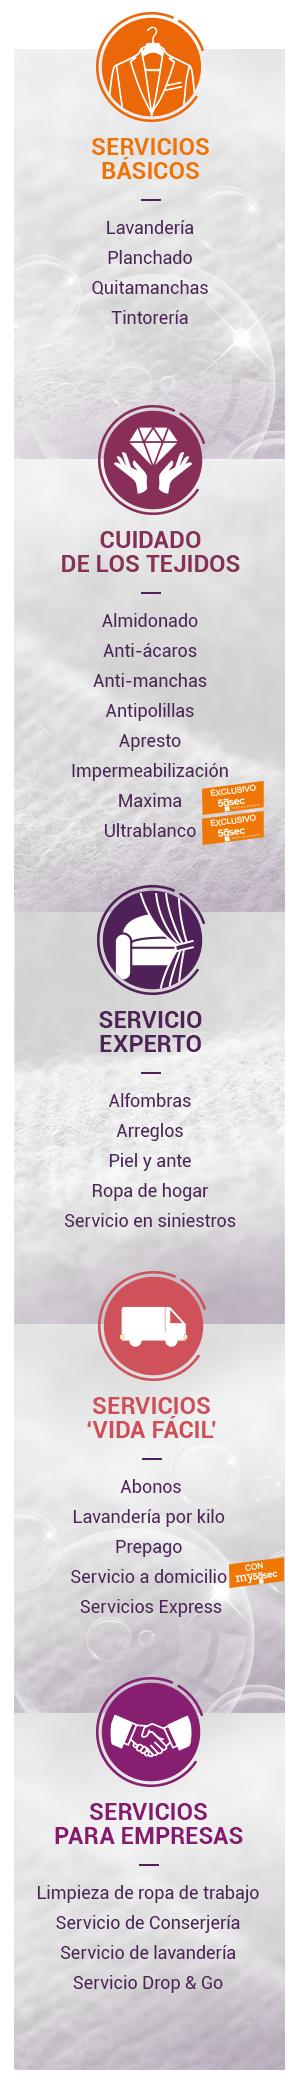 servicios y cuidado textile